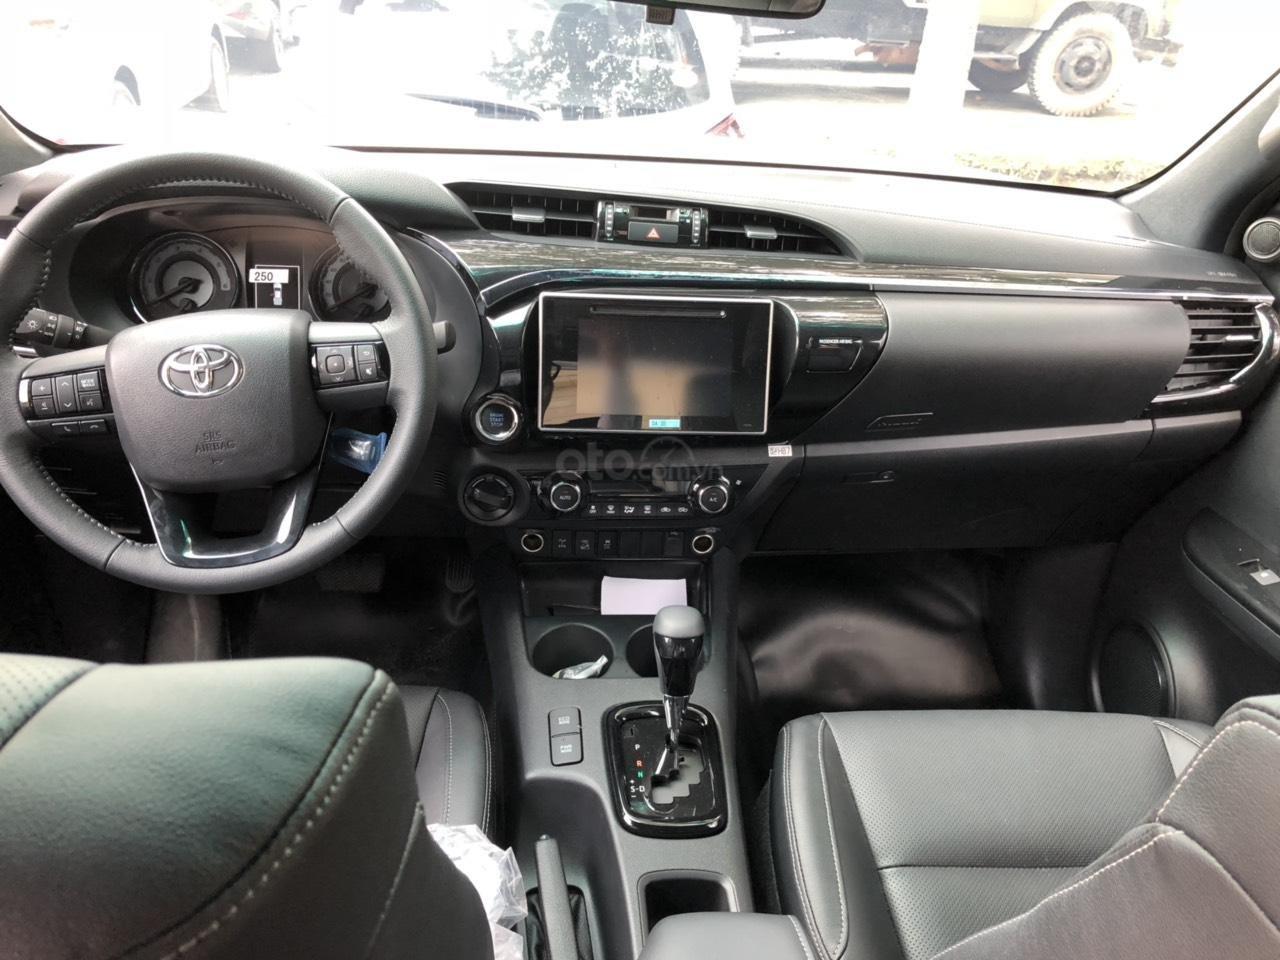 Toyota Hilux 2.8G 4x4 AT 2019, nhập khẩu Thái, giá tốt - hấp dẫn - giao mọi miền, hỗ trợ mua xe trả góp-4